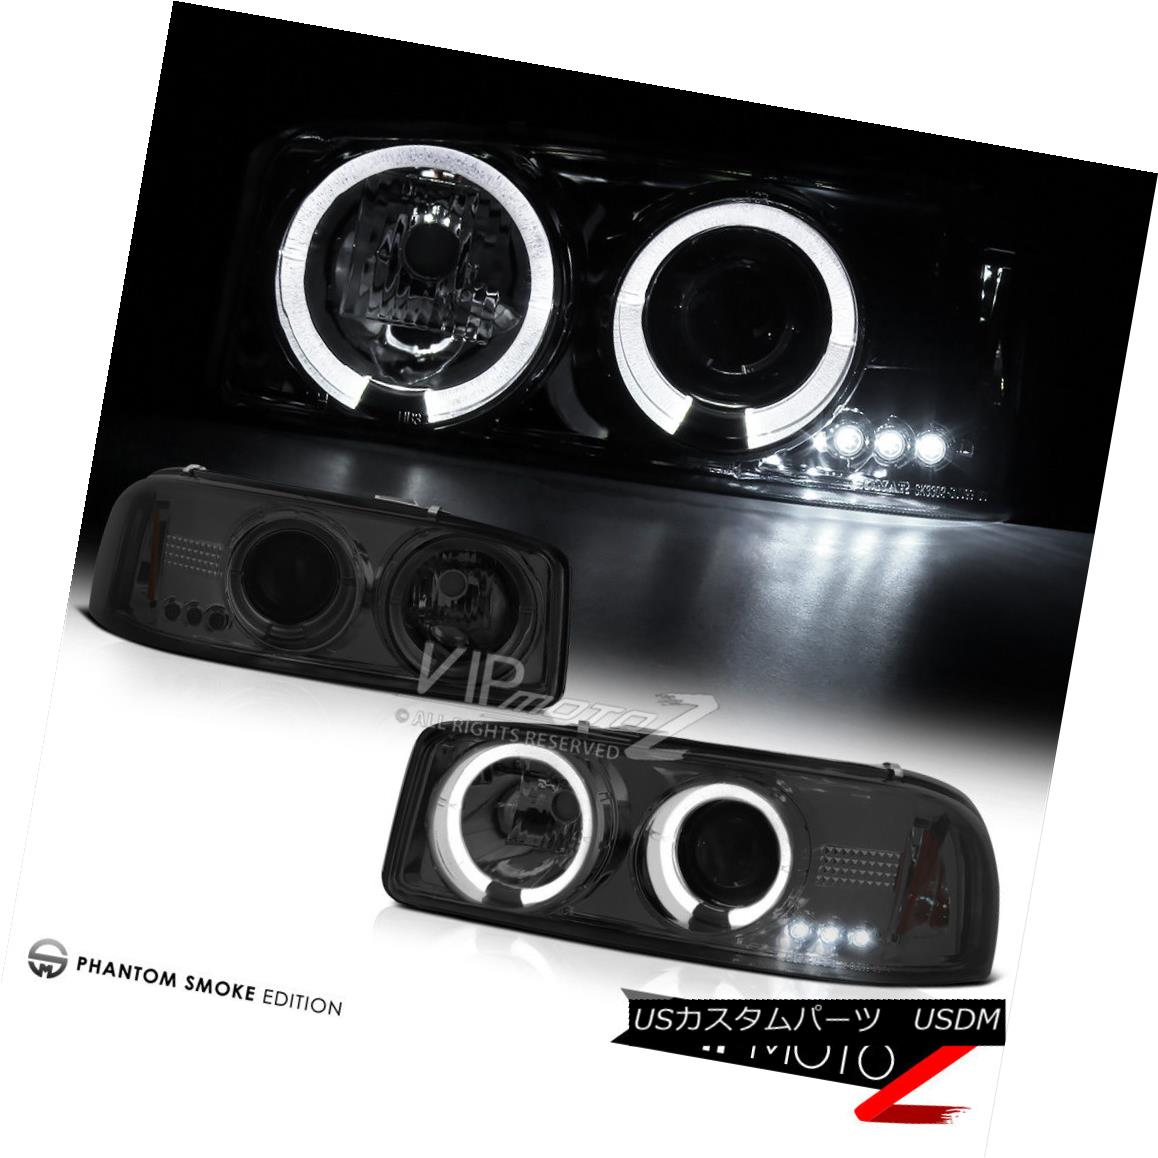 ヘッドライト 2000-2006 GMC Sierra Yukon XL Denali Smoke Halo LED Projector Headlight Headlamp 2000-2006 GMC Sierra Yukon XLデナリスモークハローLEDプロジェクターヘッドライトヘッドランプ